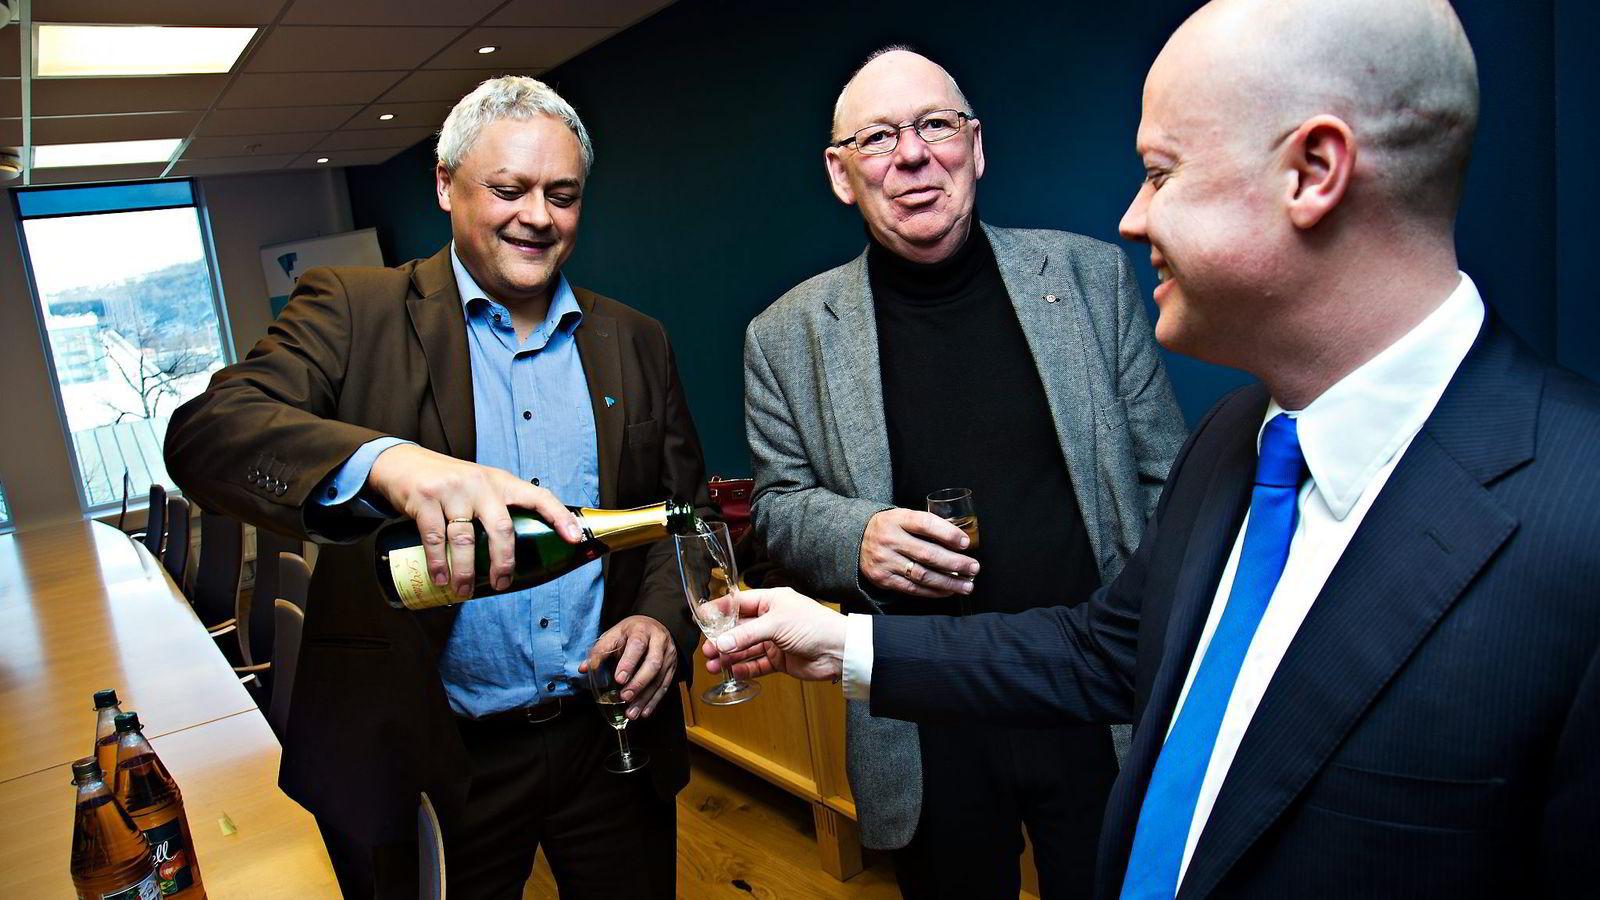 VANT FREM. Fagdirektør i forbrukerrådet Jorge B. Jensen (til venstre), Ivar Petter Røeggen (midten) og advokat Thomas Berge feiret seieren i Høyesterett med noe godt å drikke. Foto: